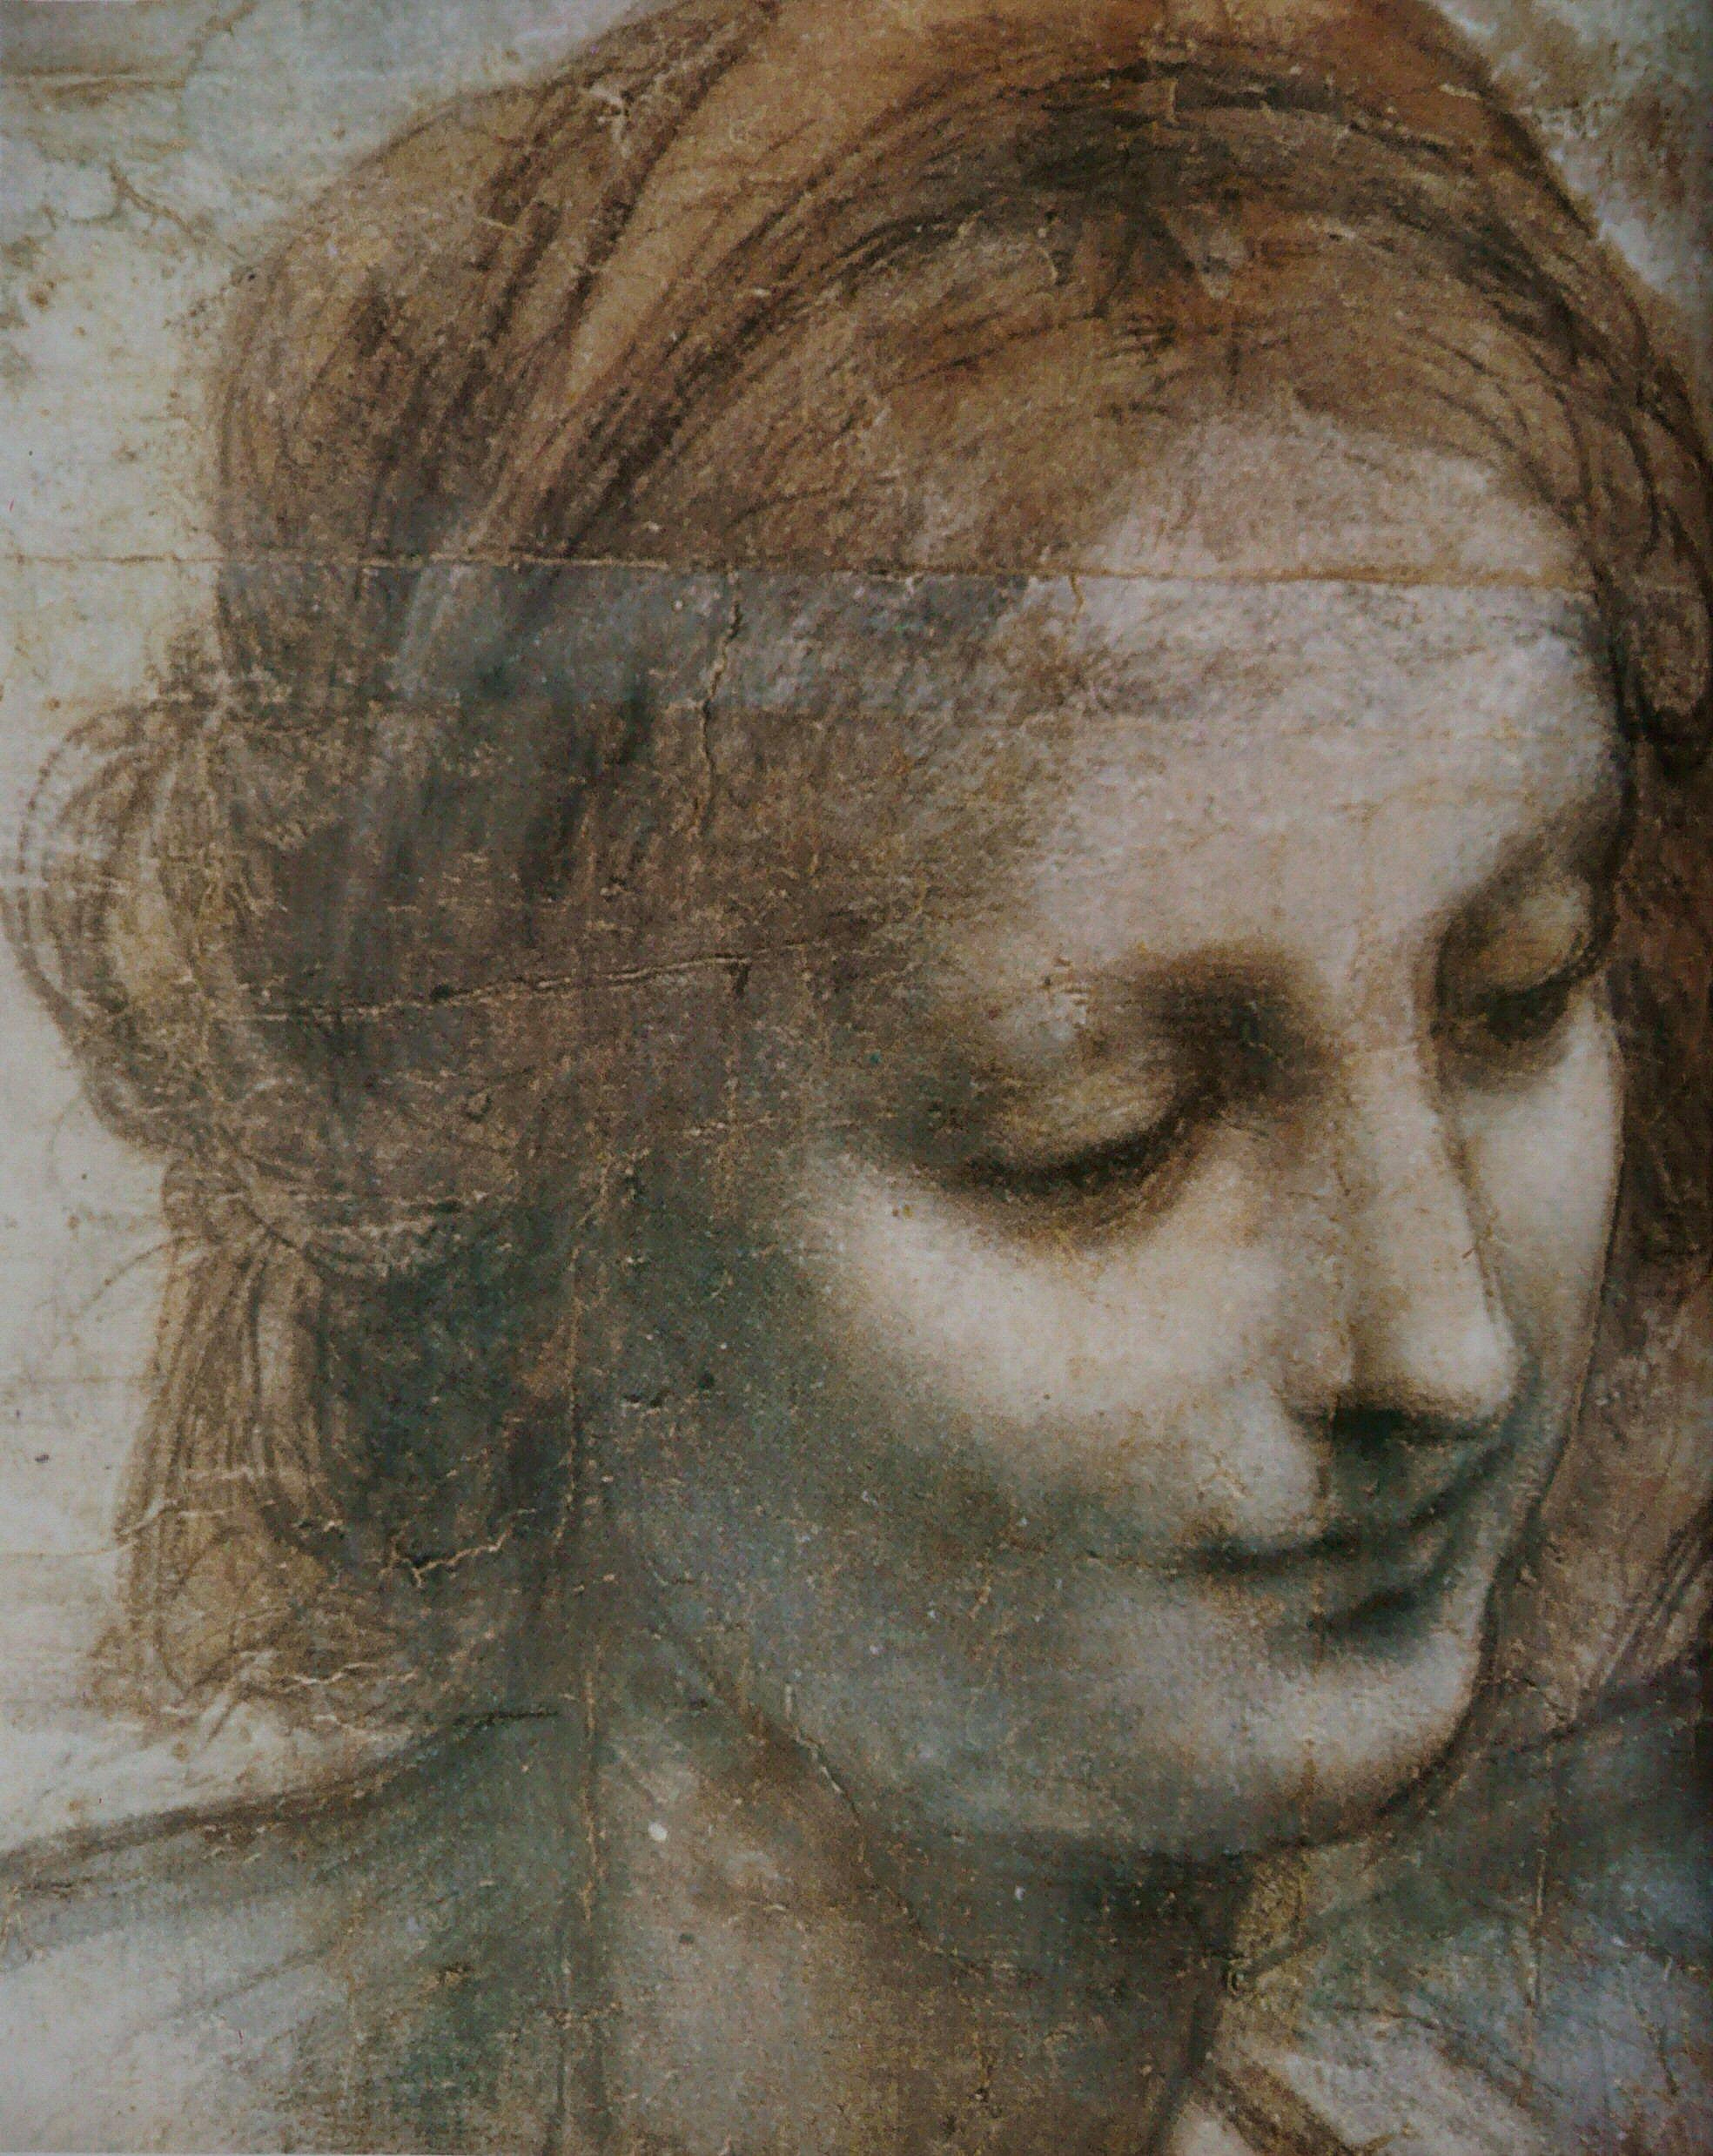 Oeuvre De Leonard De Vinci : oeuvre, leonard, vinci, File:Léonard, Vinci, Vierge,, Enfant, Jésus,, Jean-Baptiste, 1.jpg, Wikimedia, Commons